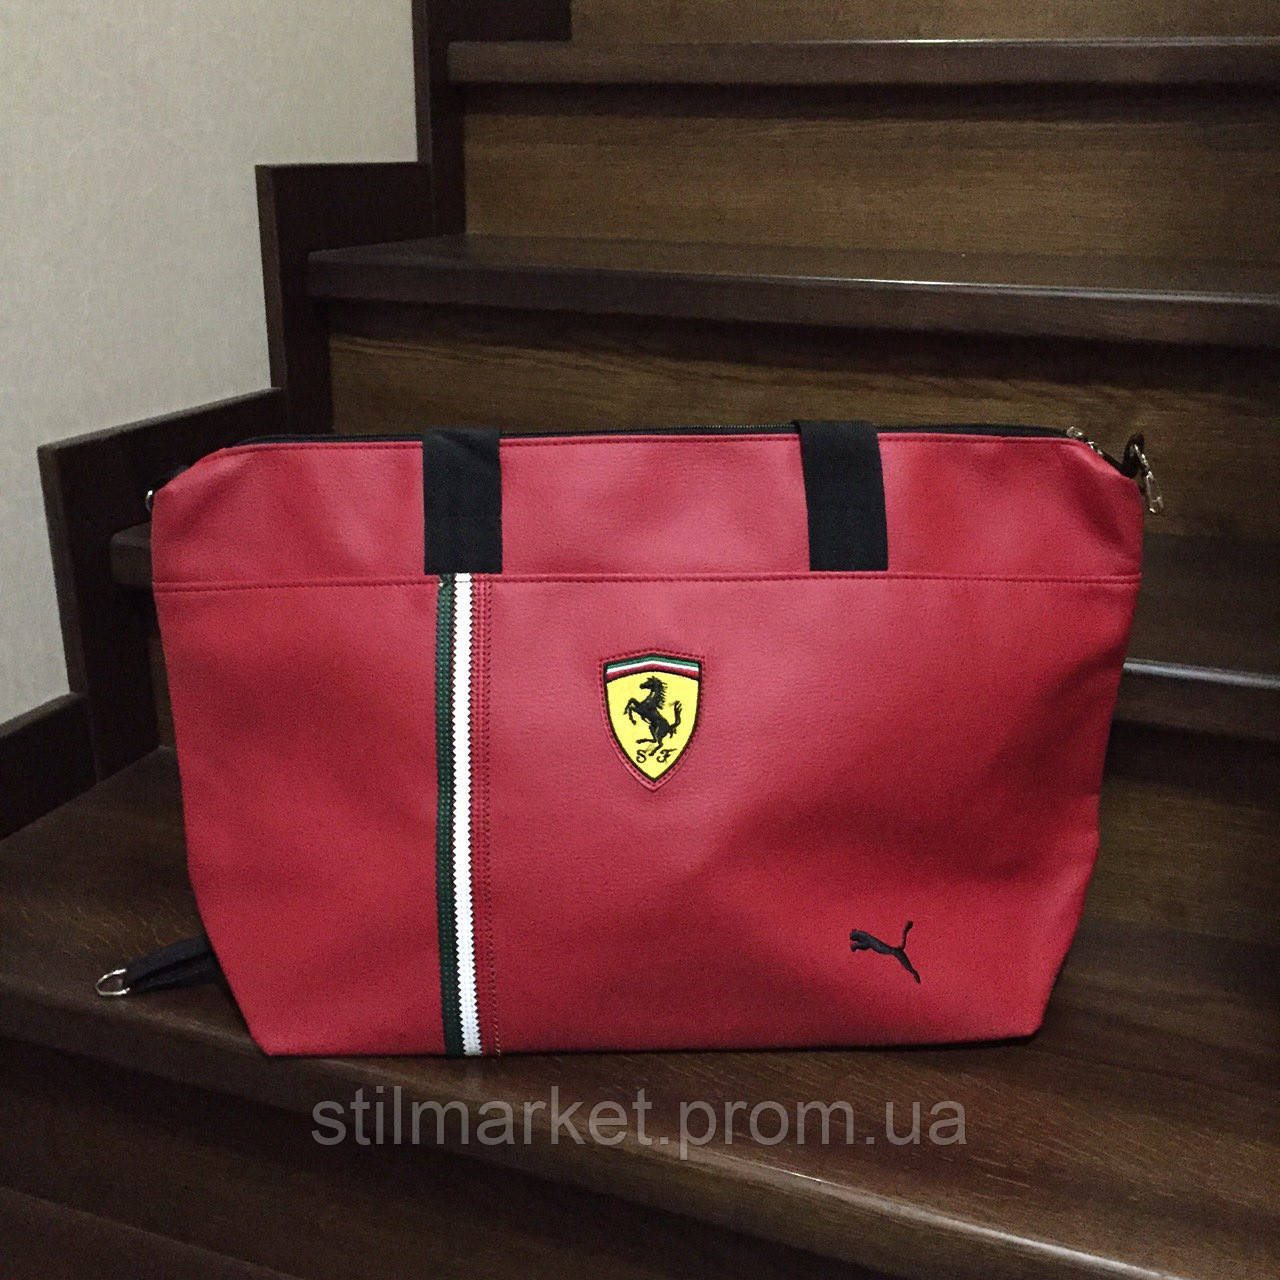 71ab6da2698c Сумка спортивная Puma Ferrari, цена 430 грн., купить в Киеве — Prom.ua  (ID#267447384)